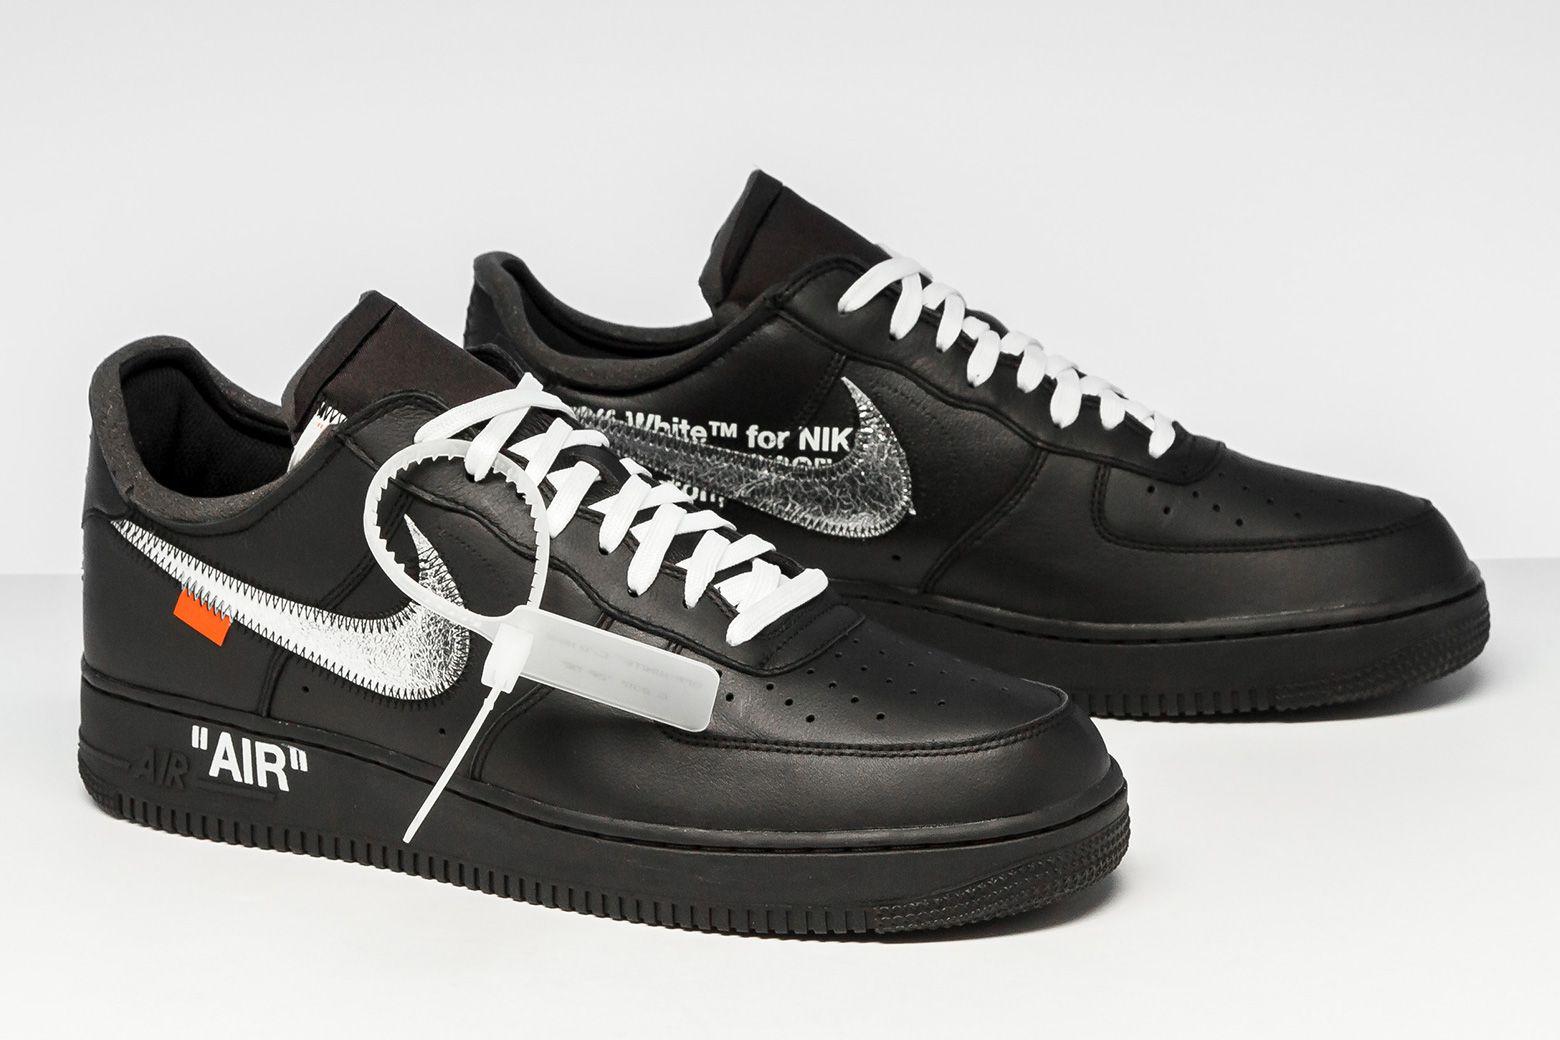 Nike Air Force 1 07 Virgil Off White Moma Av5210 001 Nike Sneakers Off White Shoes